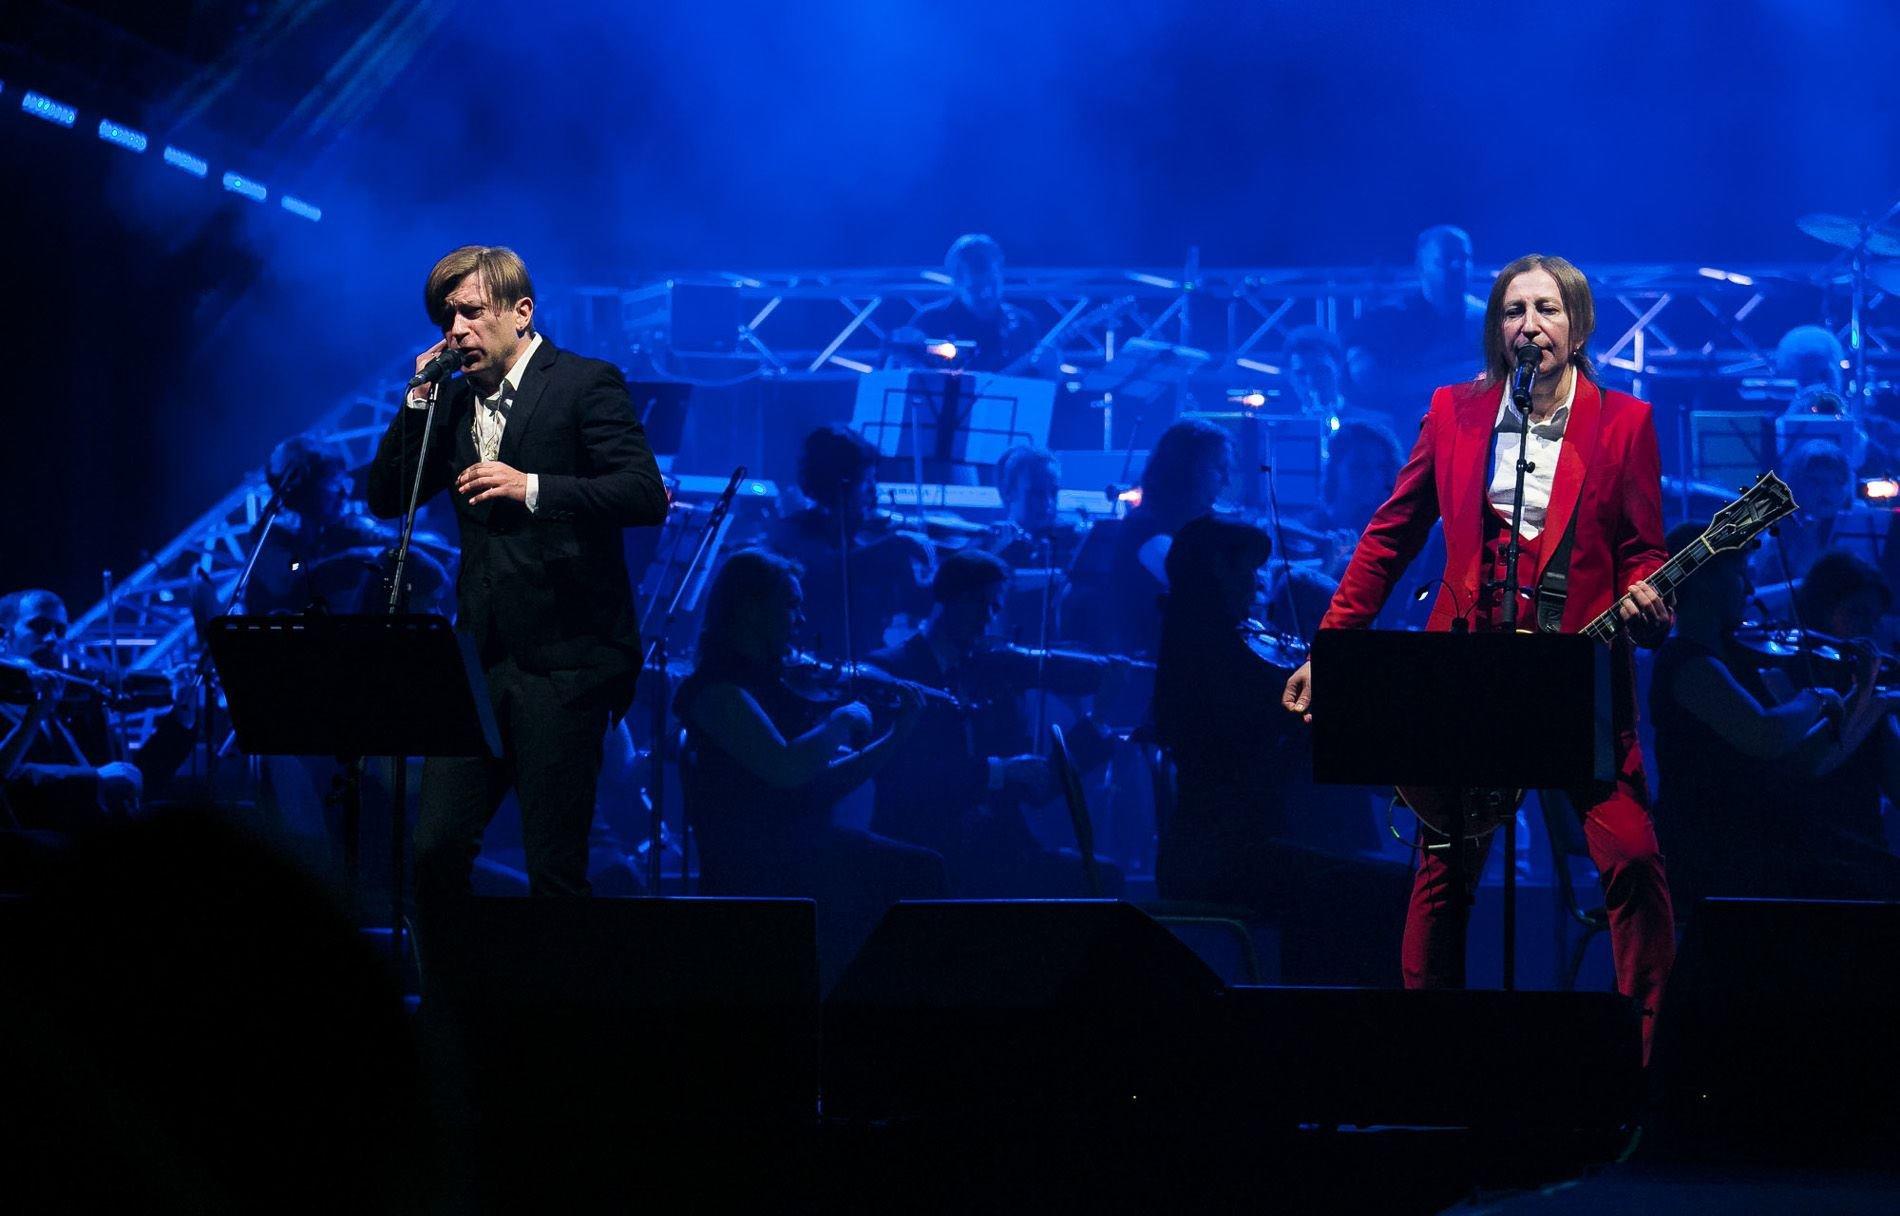 Группа «Би-2» отменила концерт 28марта из-за трагедии вКемерово